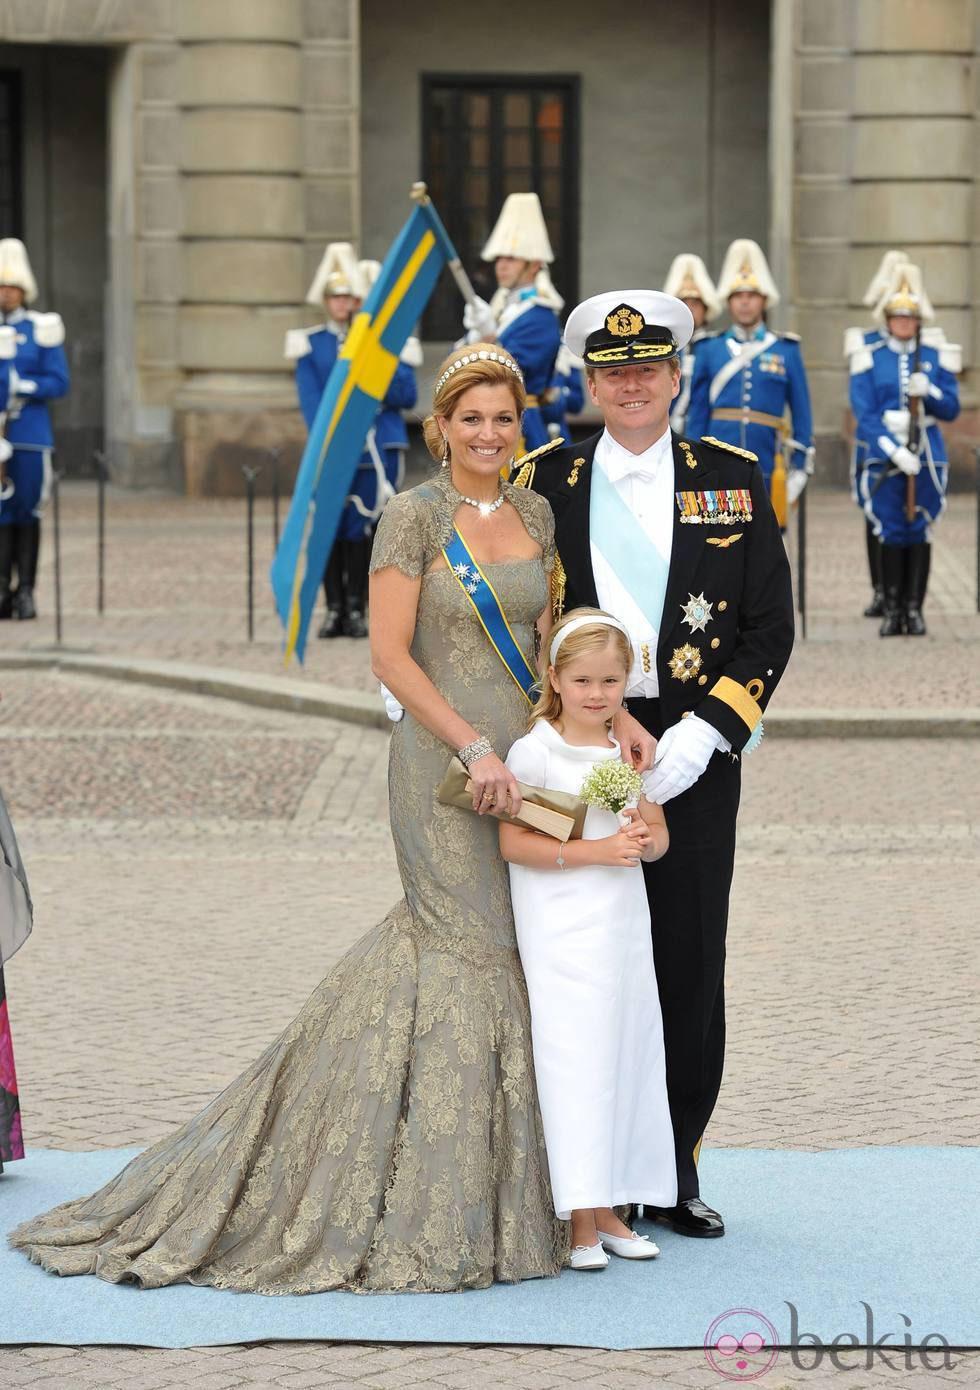 Fotos de la princesa amalia de holanda 73